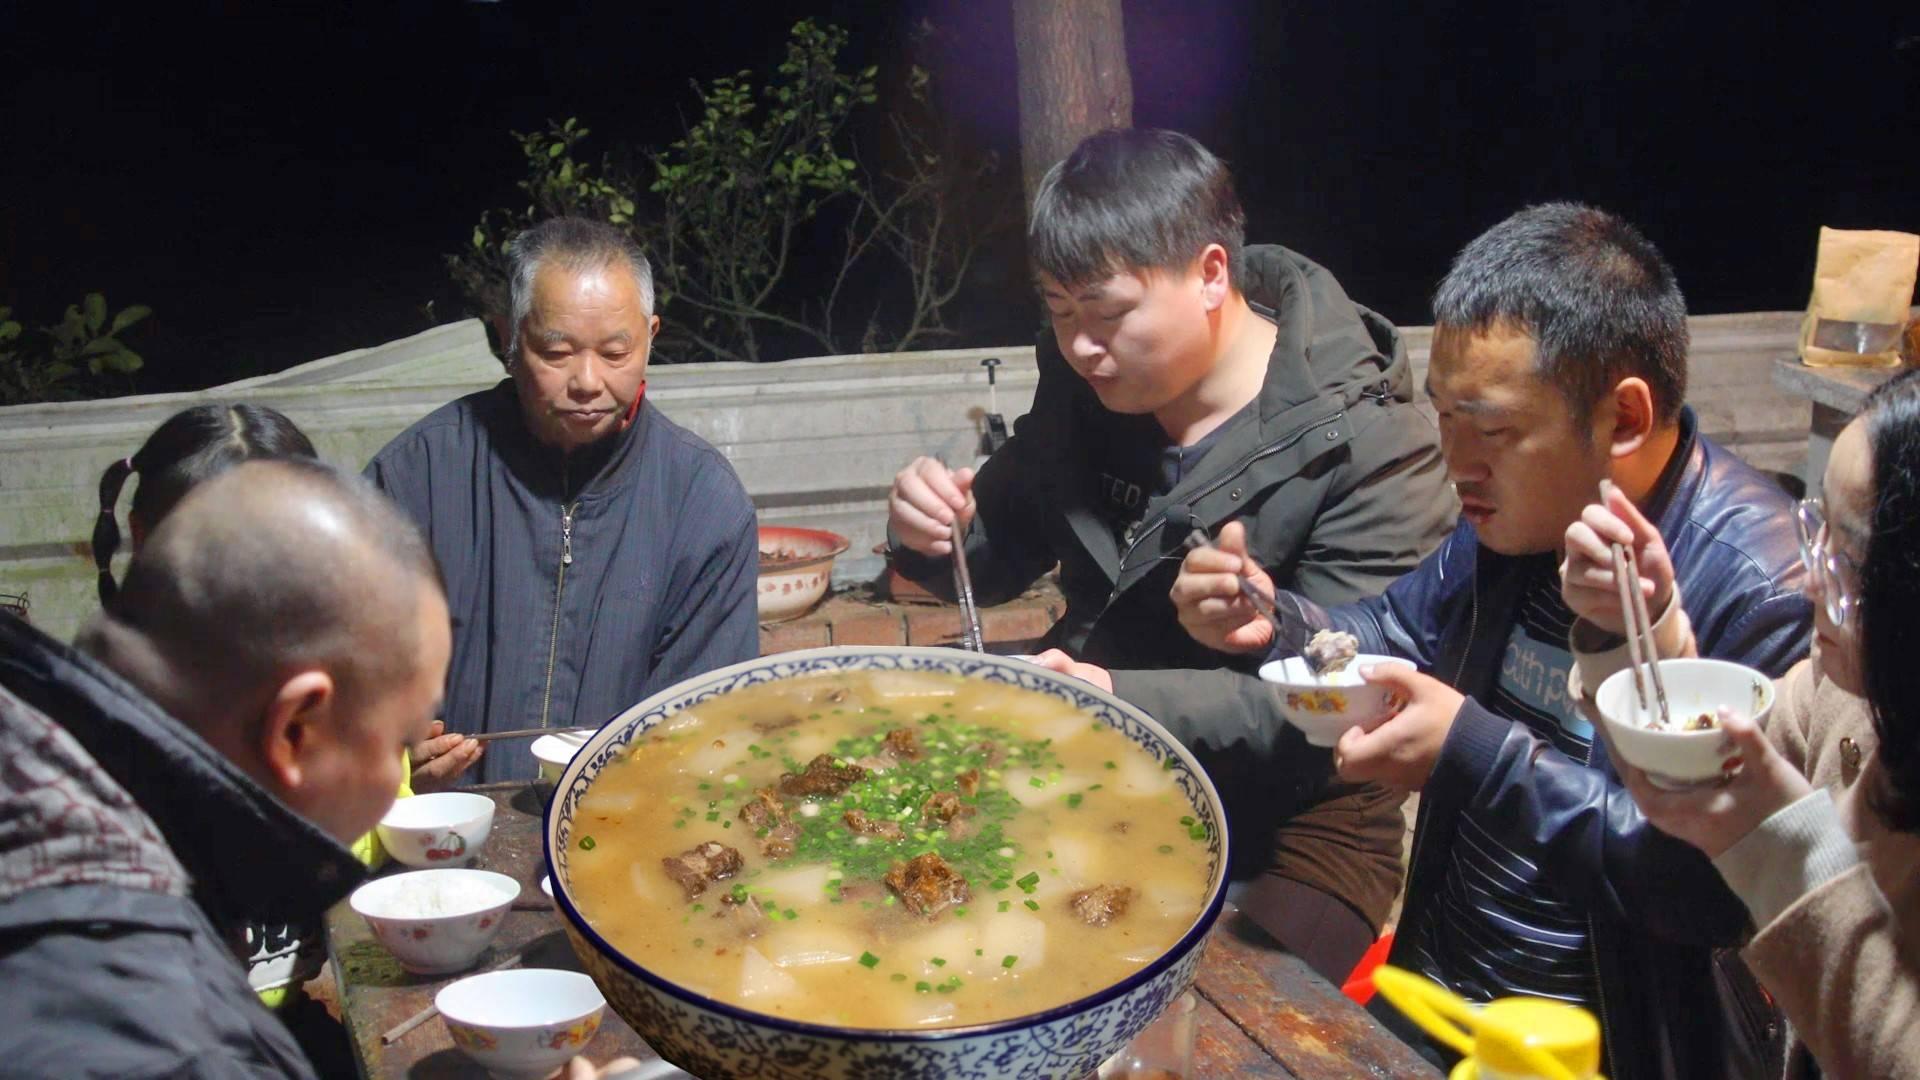 德哥整6根腊排骨,配萝卜小火炖到半夜,一群人边吃边聊不知寒冷